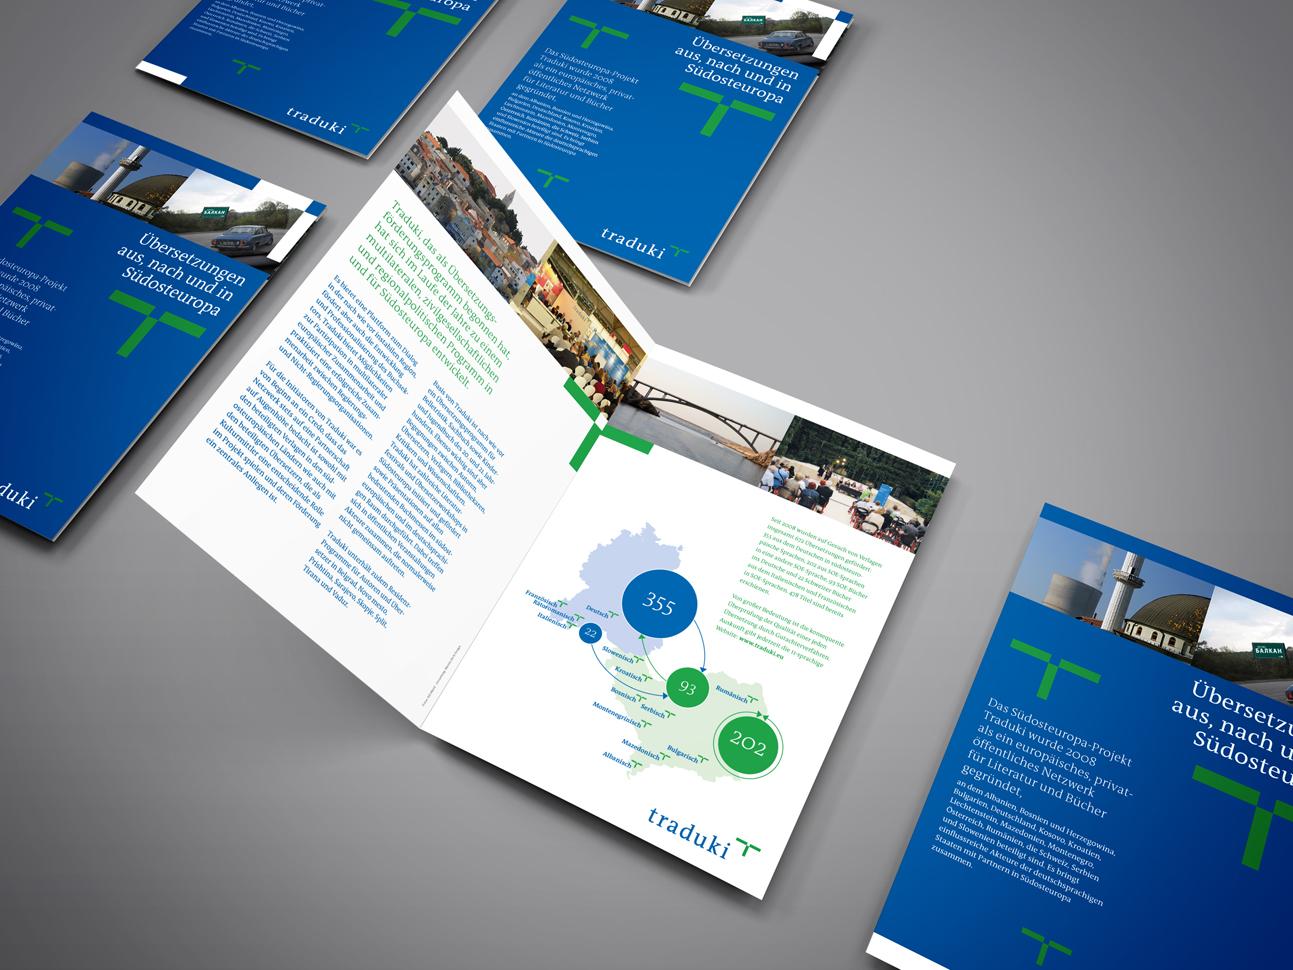 martin_zech_design_projekt_design_traduki_infobroschuere